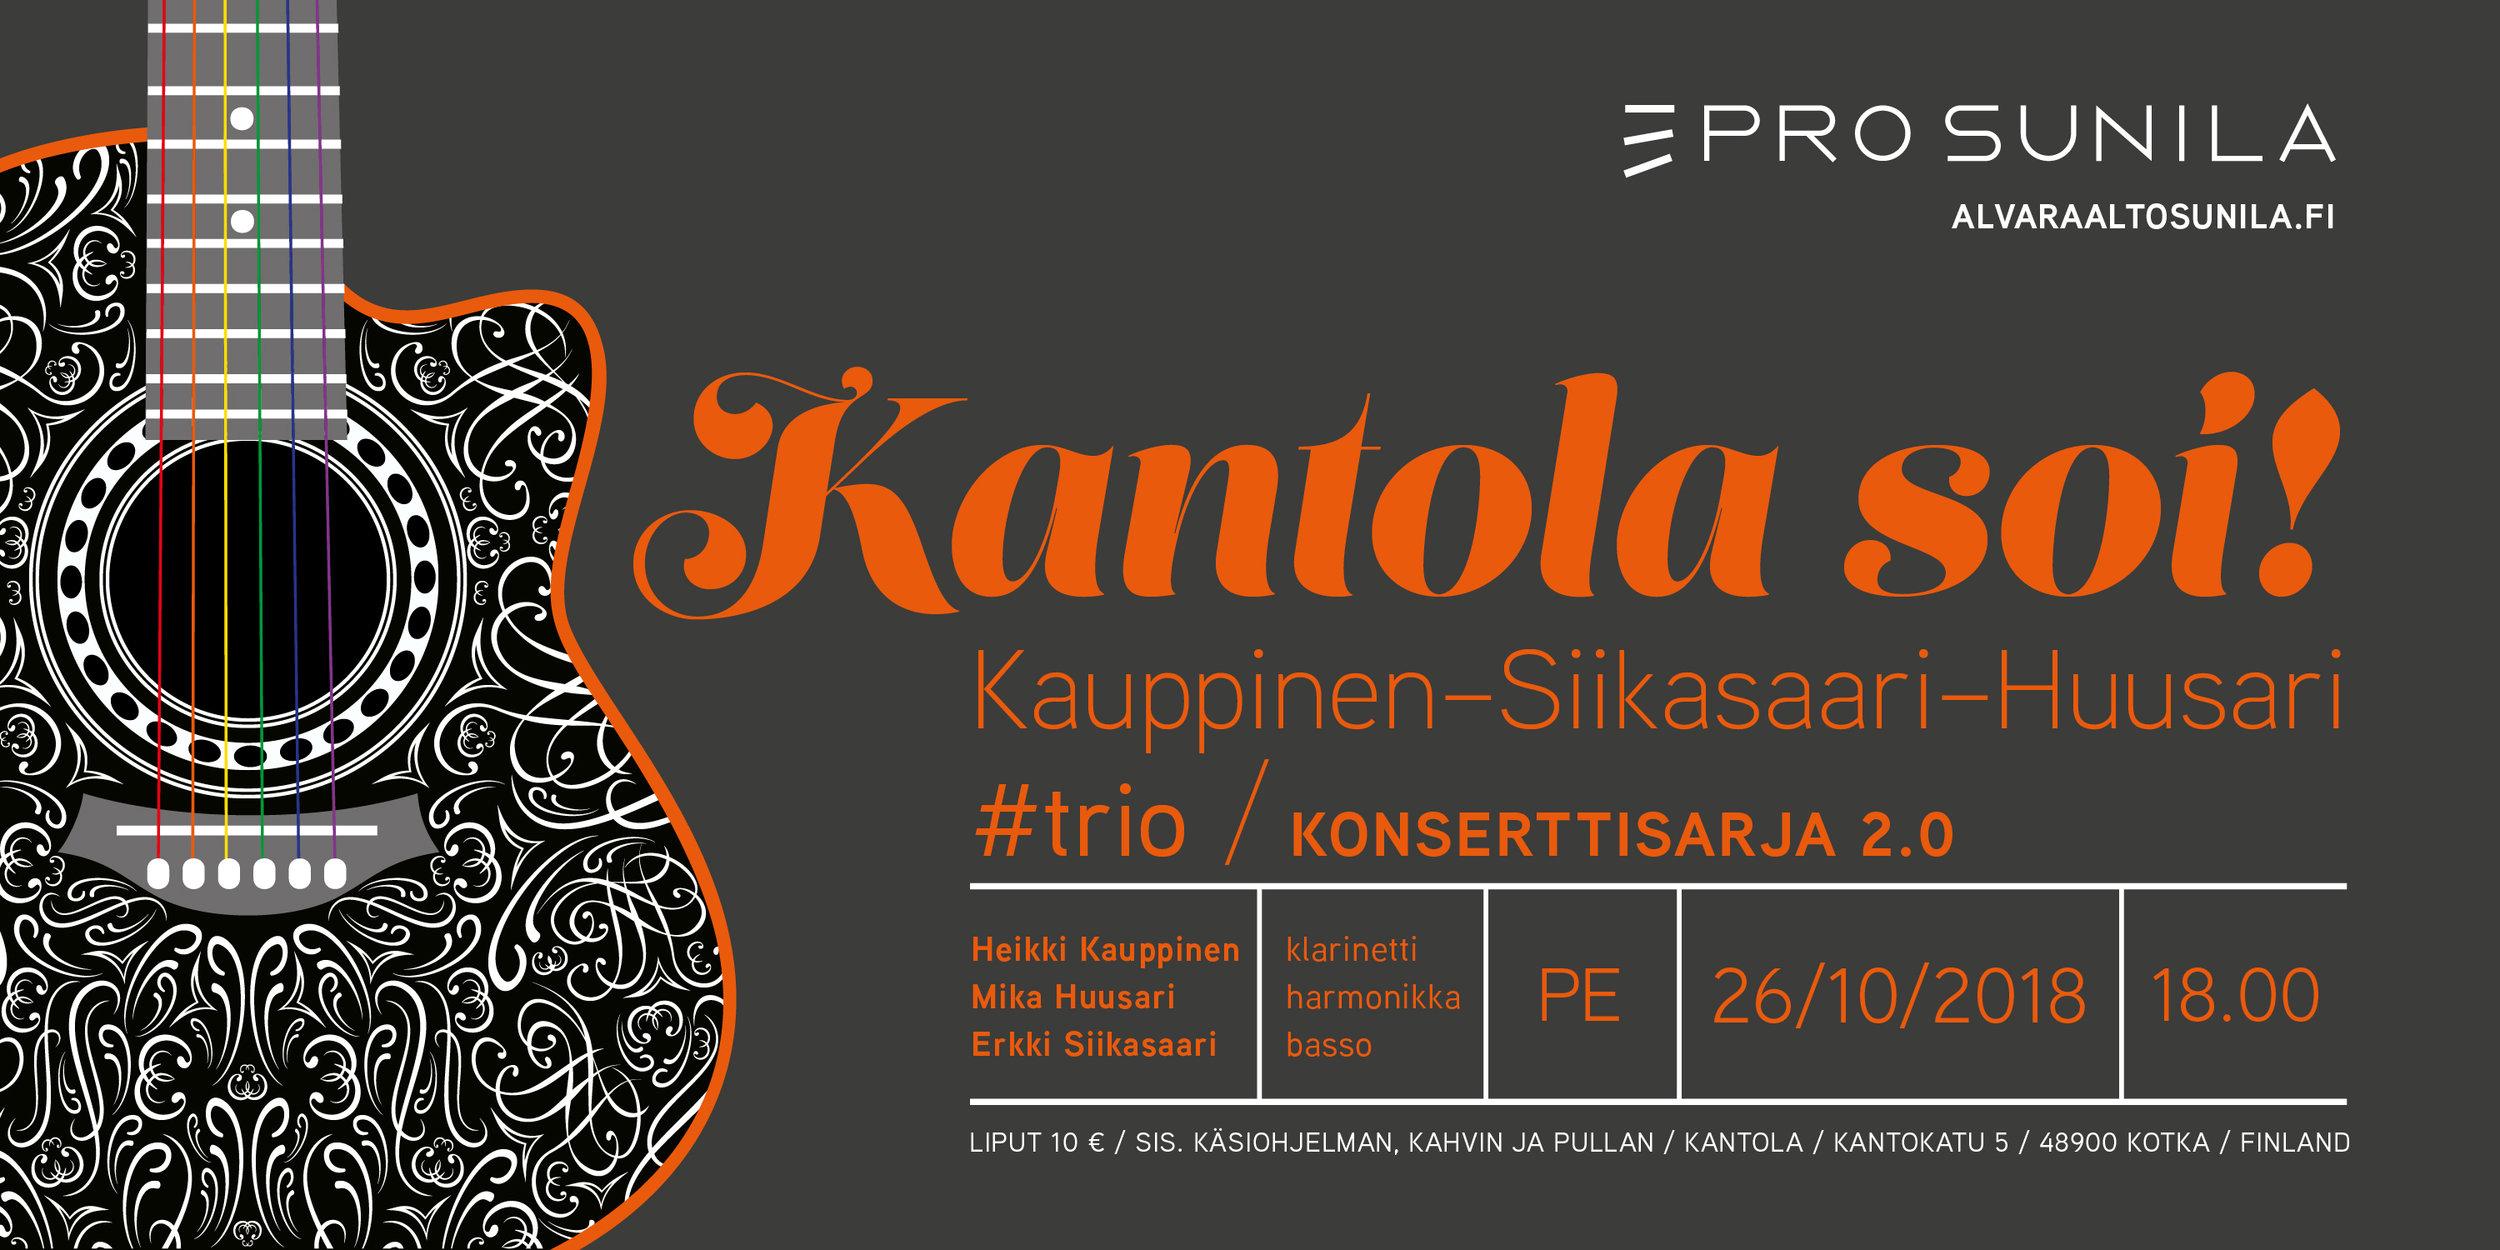 Kantola_soi_musiikkisarja_02_Fb_banneri.jpg